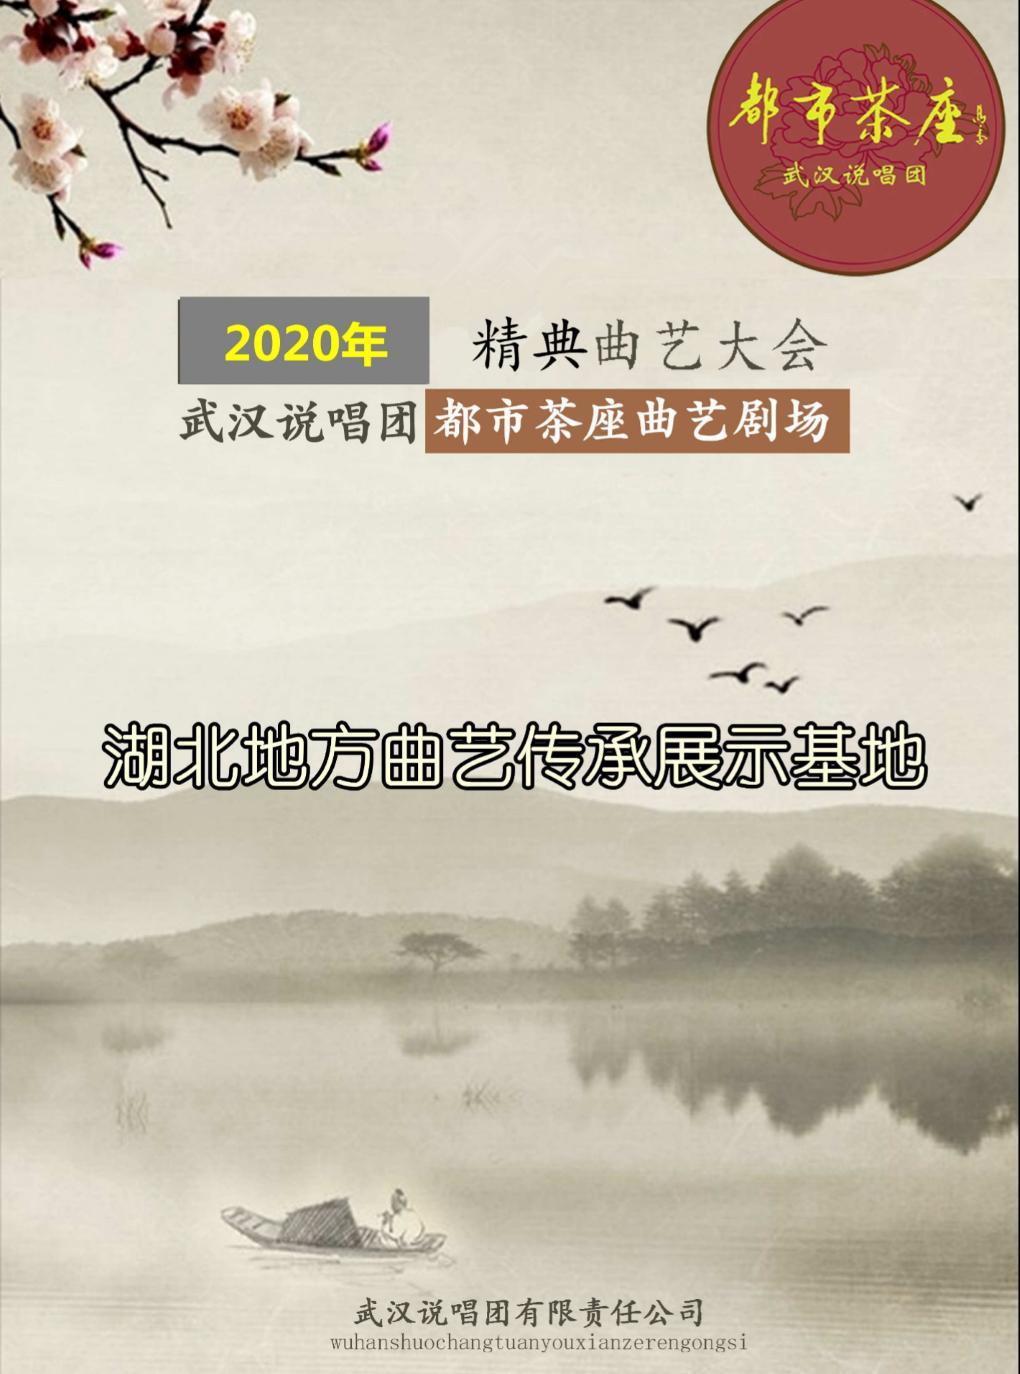 武汉说唱团都市茶座曲艺剧场